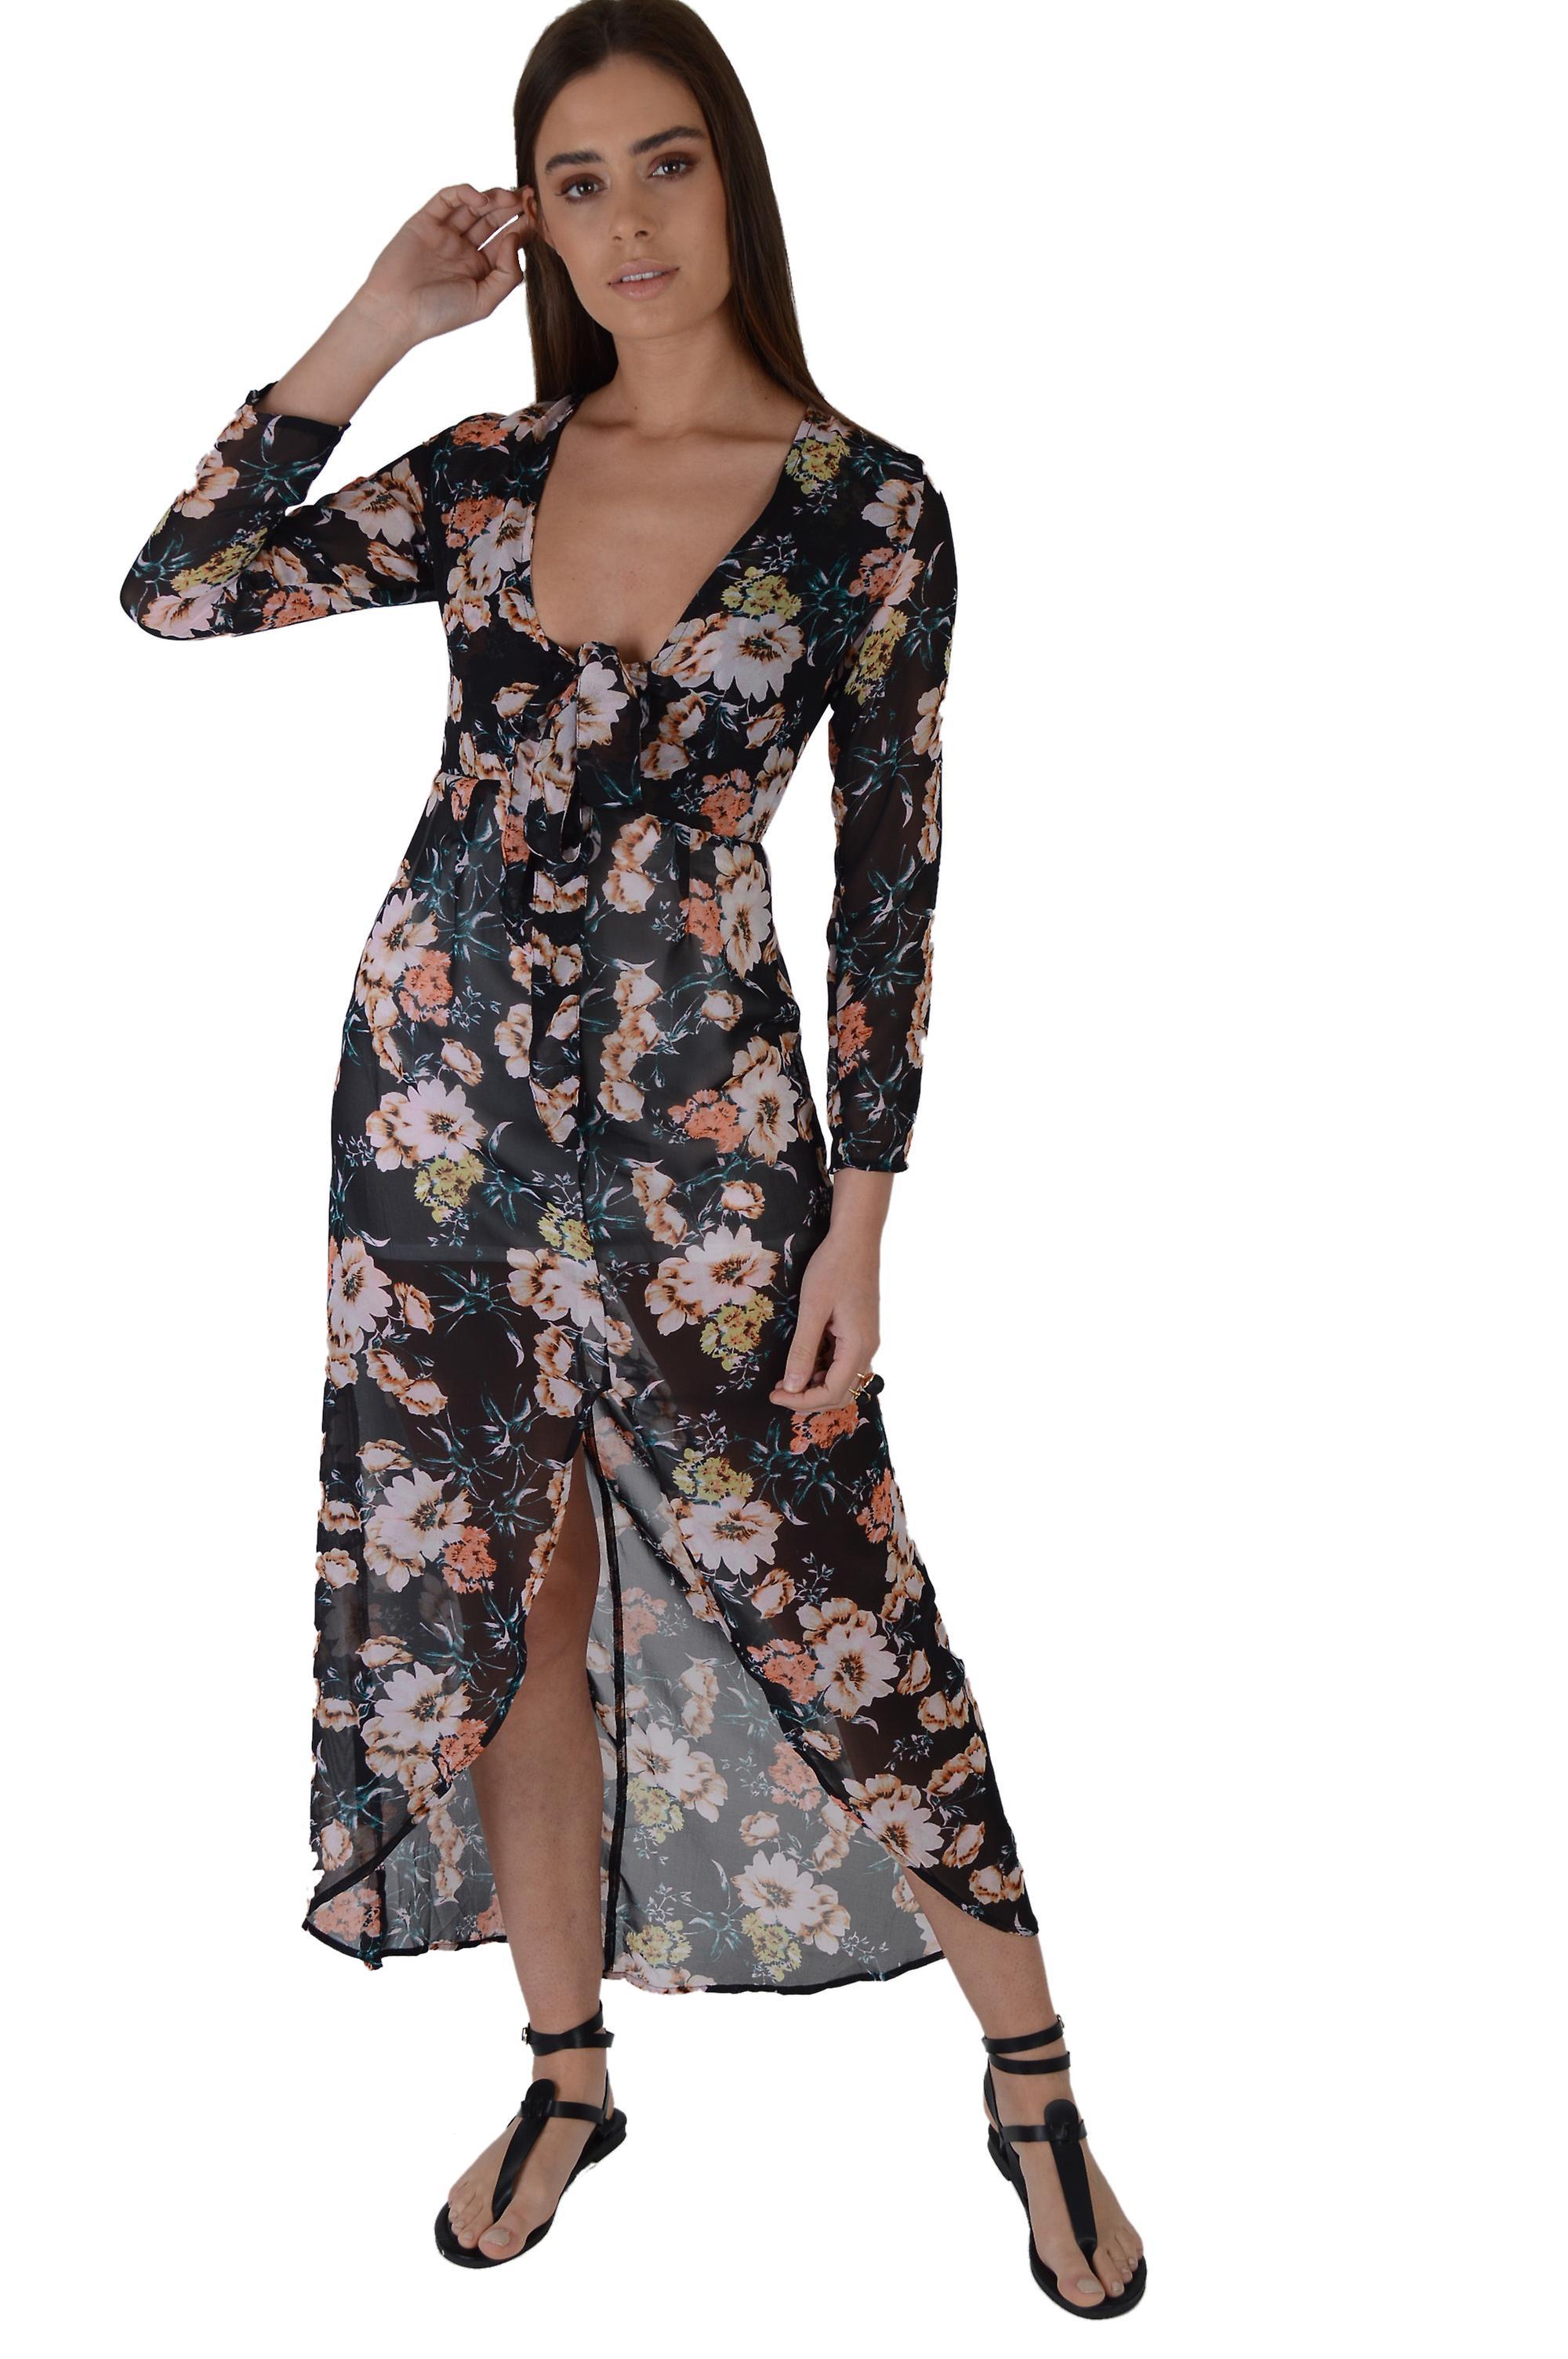 LMS Black Floral Maxi With Plunge Tie Neckline And Split Hem - SAMPLE